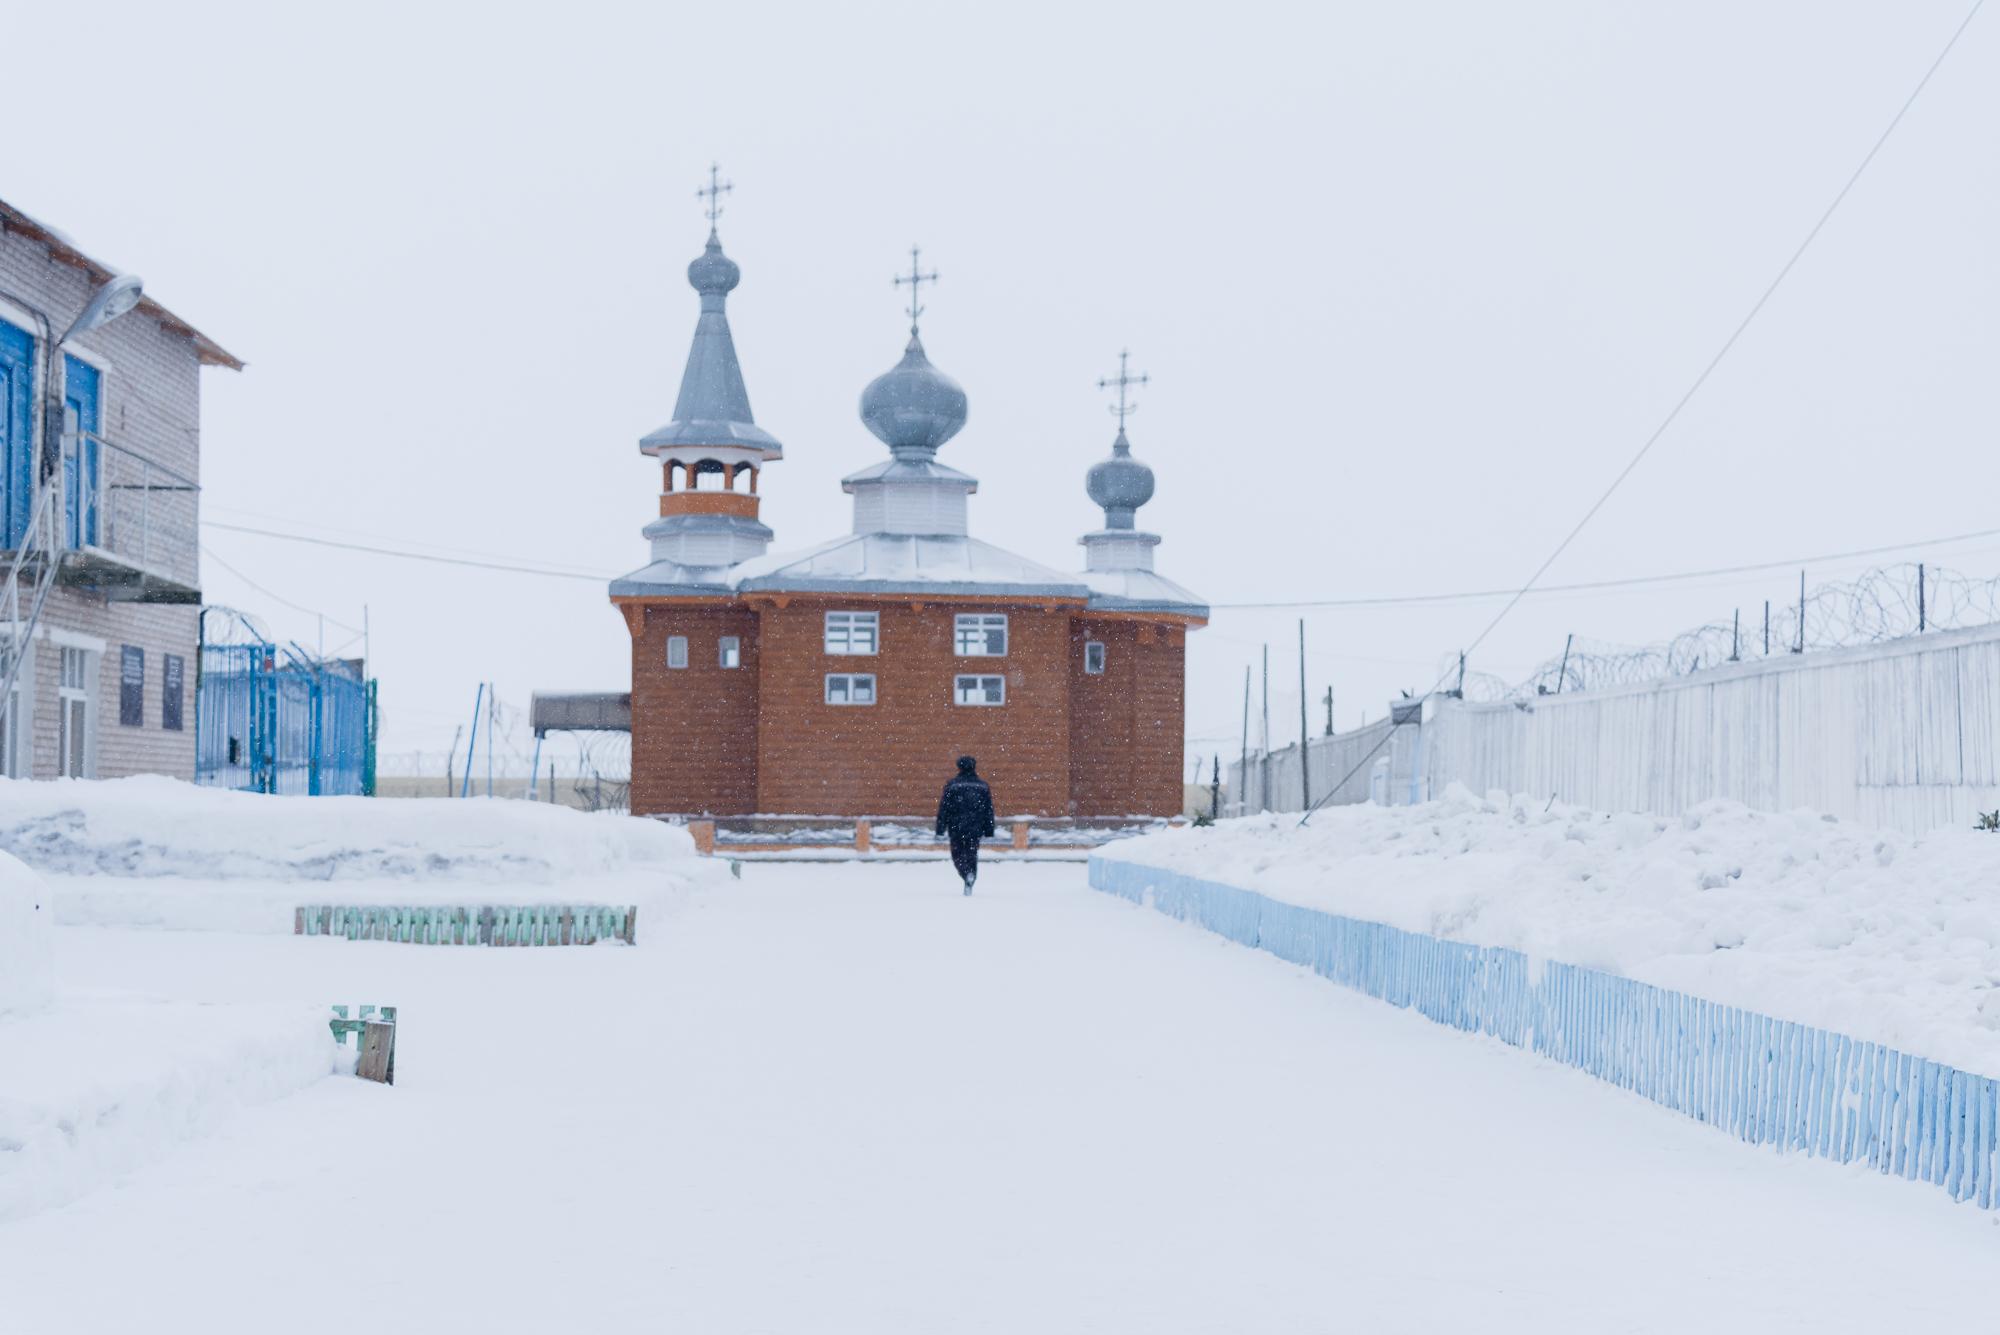 Храм на территории колонии есть, но православный. Ефимов, хоть и крещеный в детстве, остается мусульманином